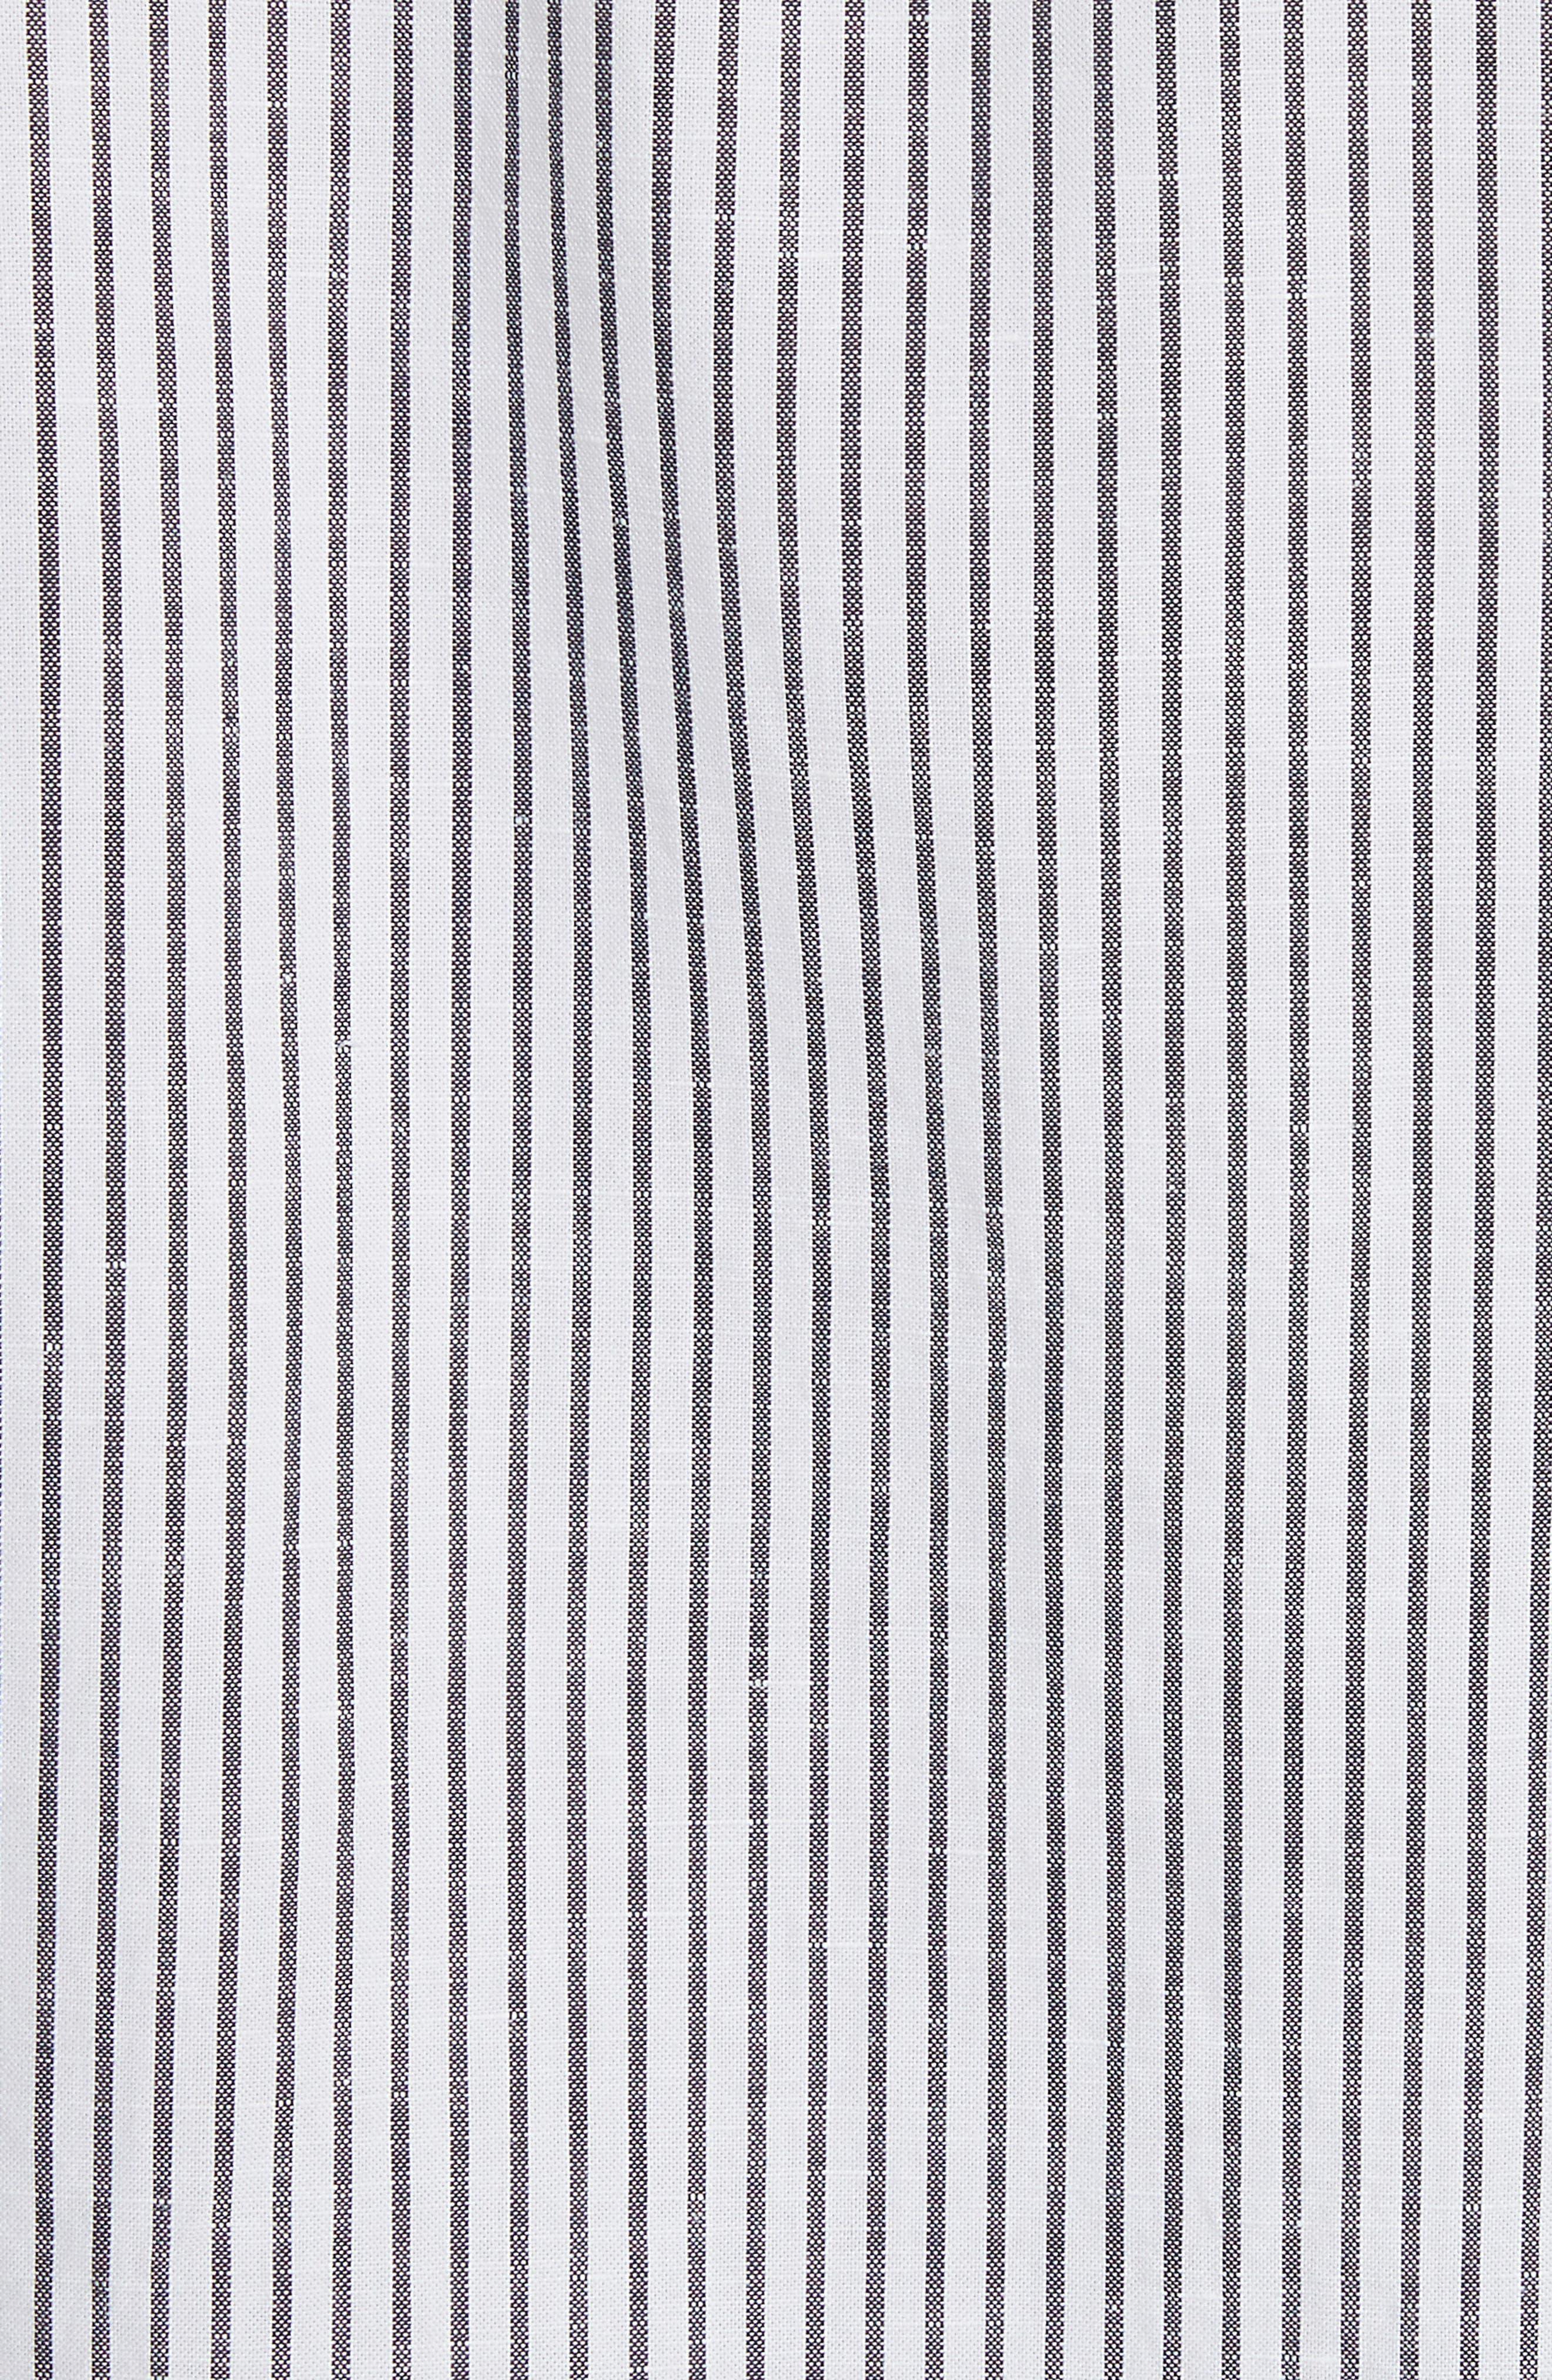 Stripe Short Sleeve Sport Shirt,                             Alternate thumbnail 5, color,                             White/Navy